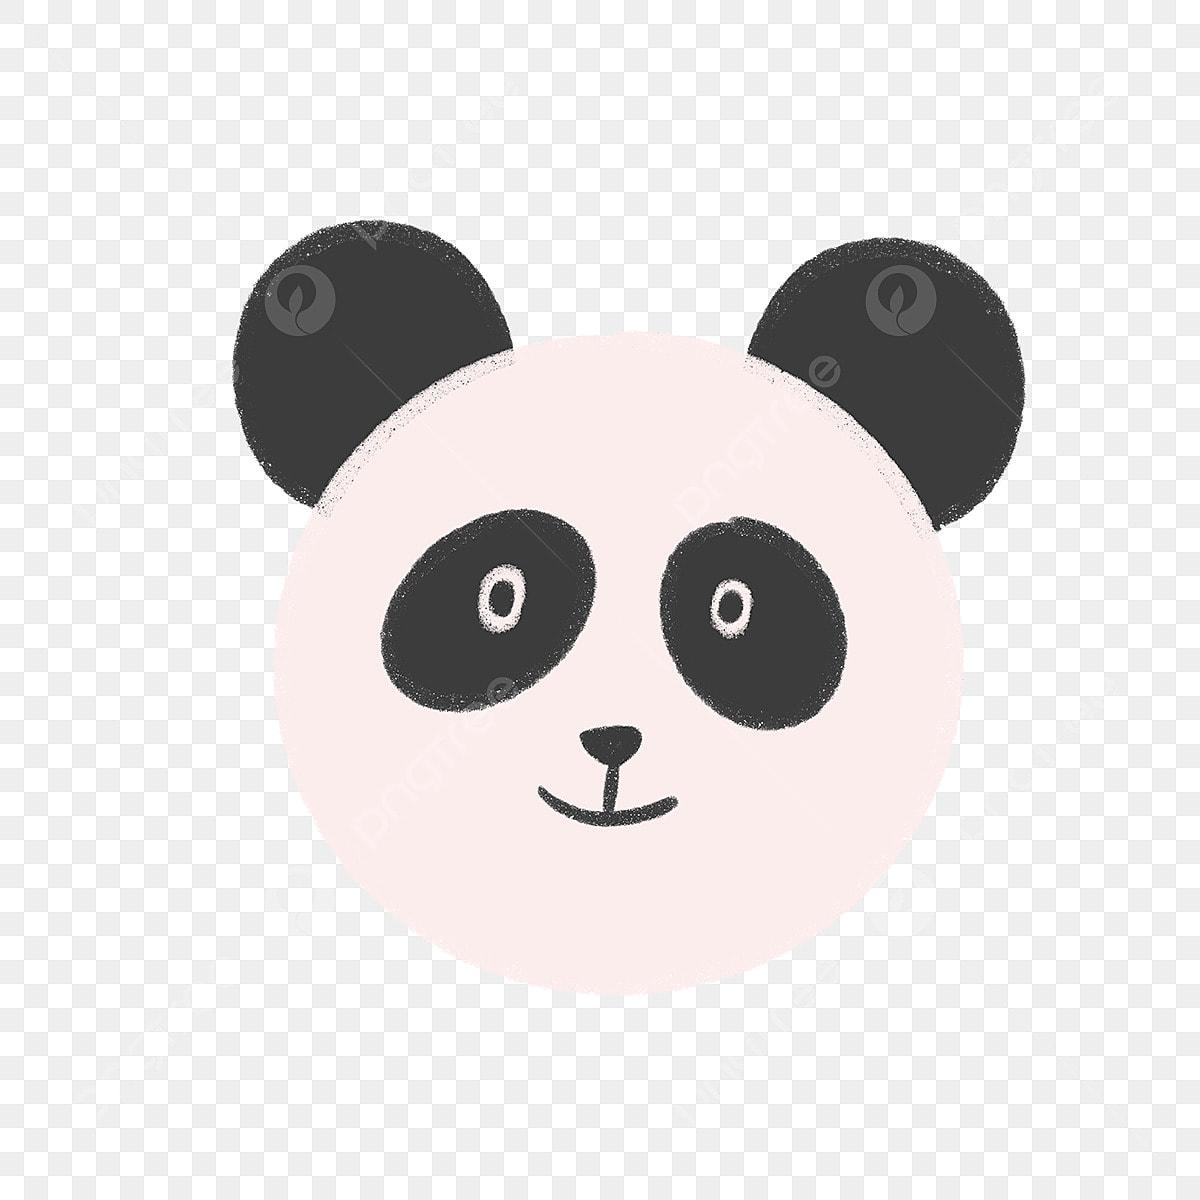 Tangan Ditarik Panda Muka Haiwan Binatang Kartun Fail PNG